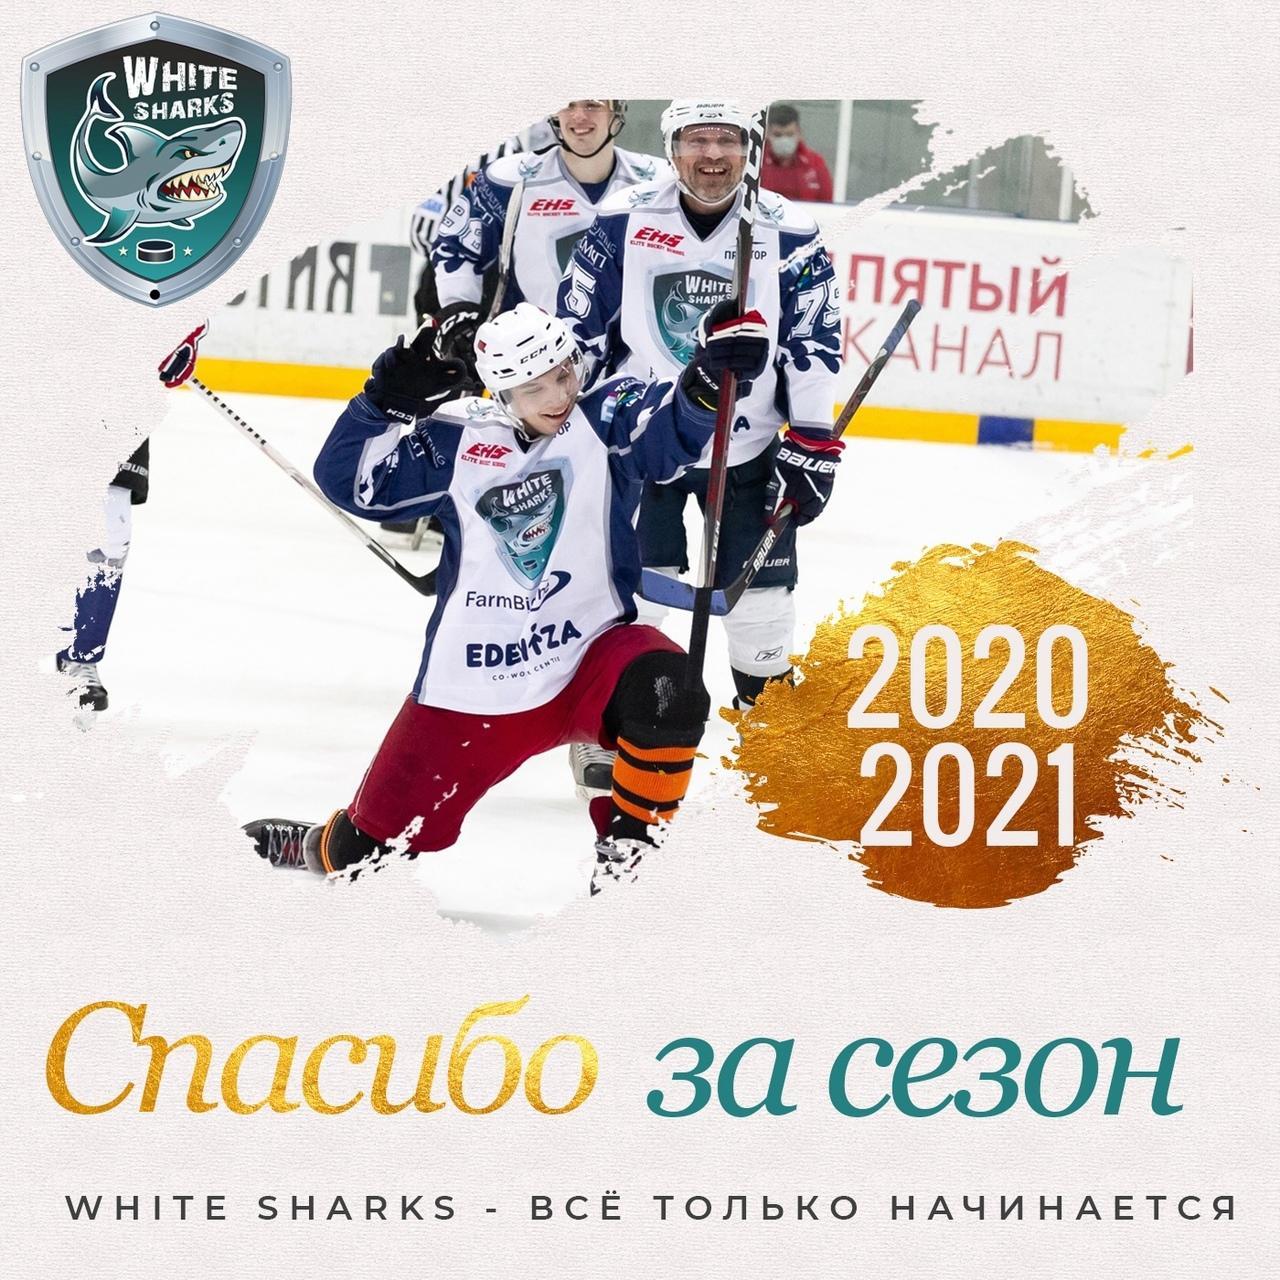 Спасибо за сезон 2020-2021